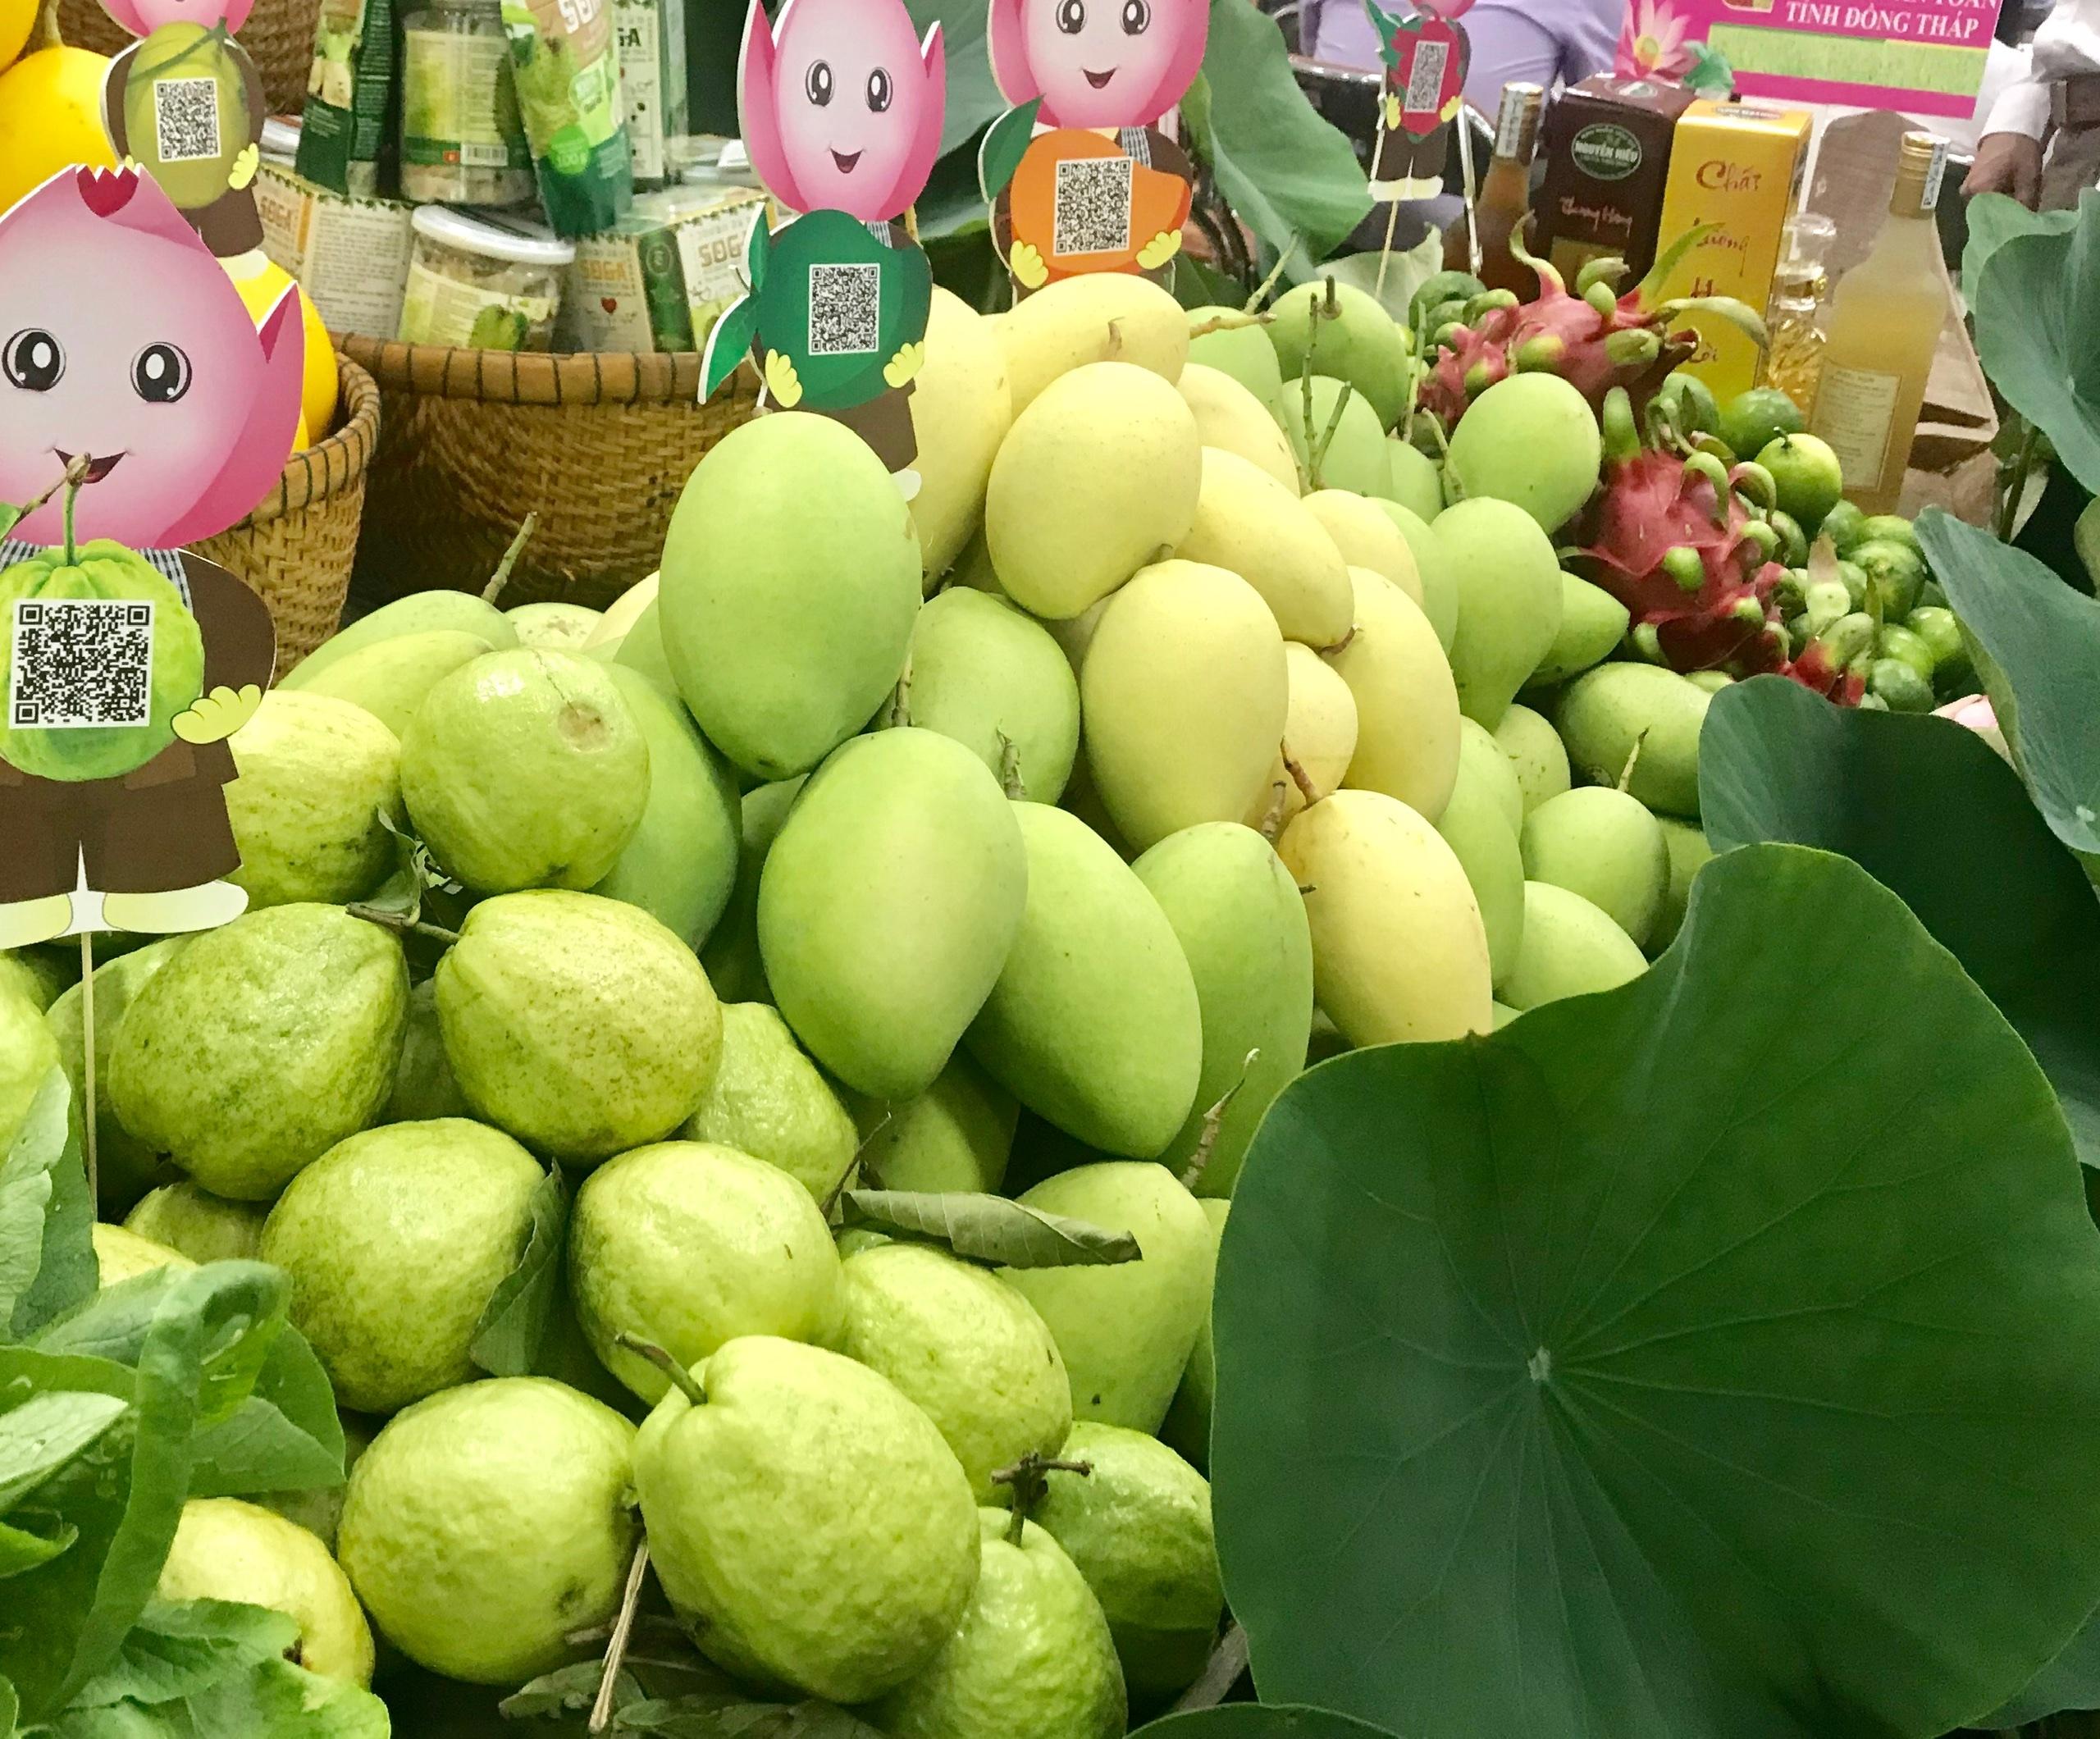 Xoài, ổi, măng cụt Việt Nam đang được người tiêu dùng Mỹ ưa chuộng - Ảnh 1.